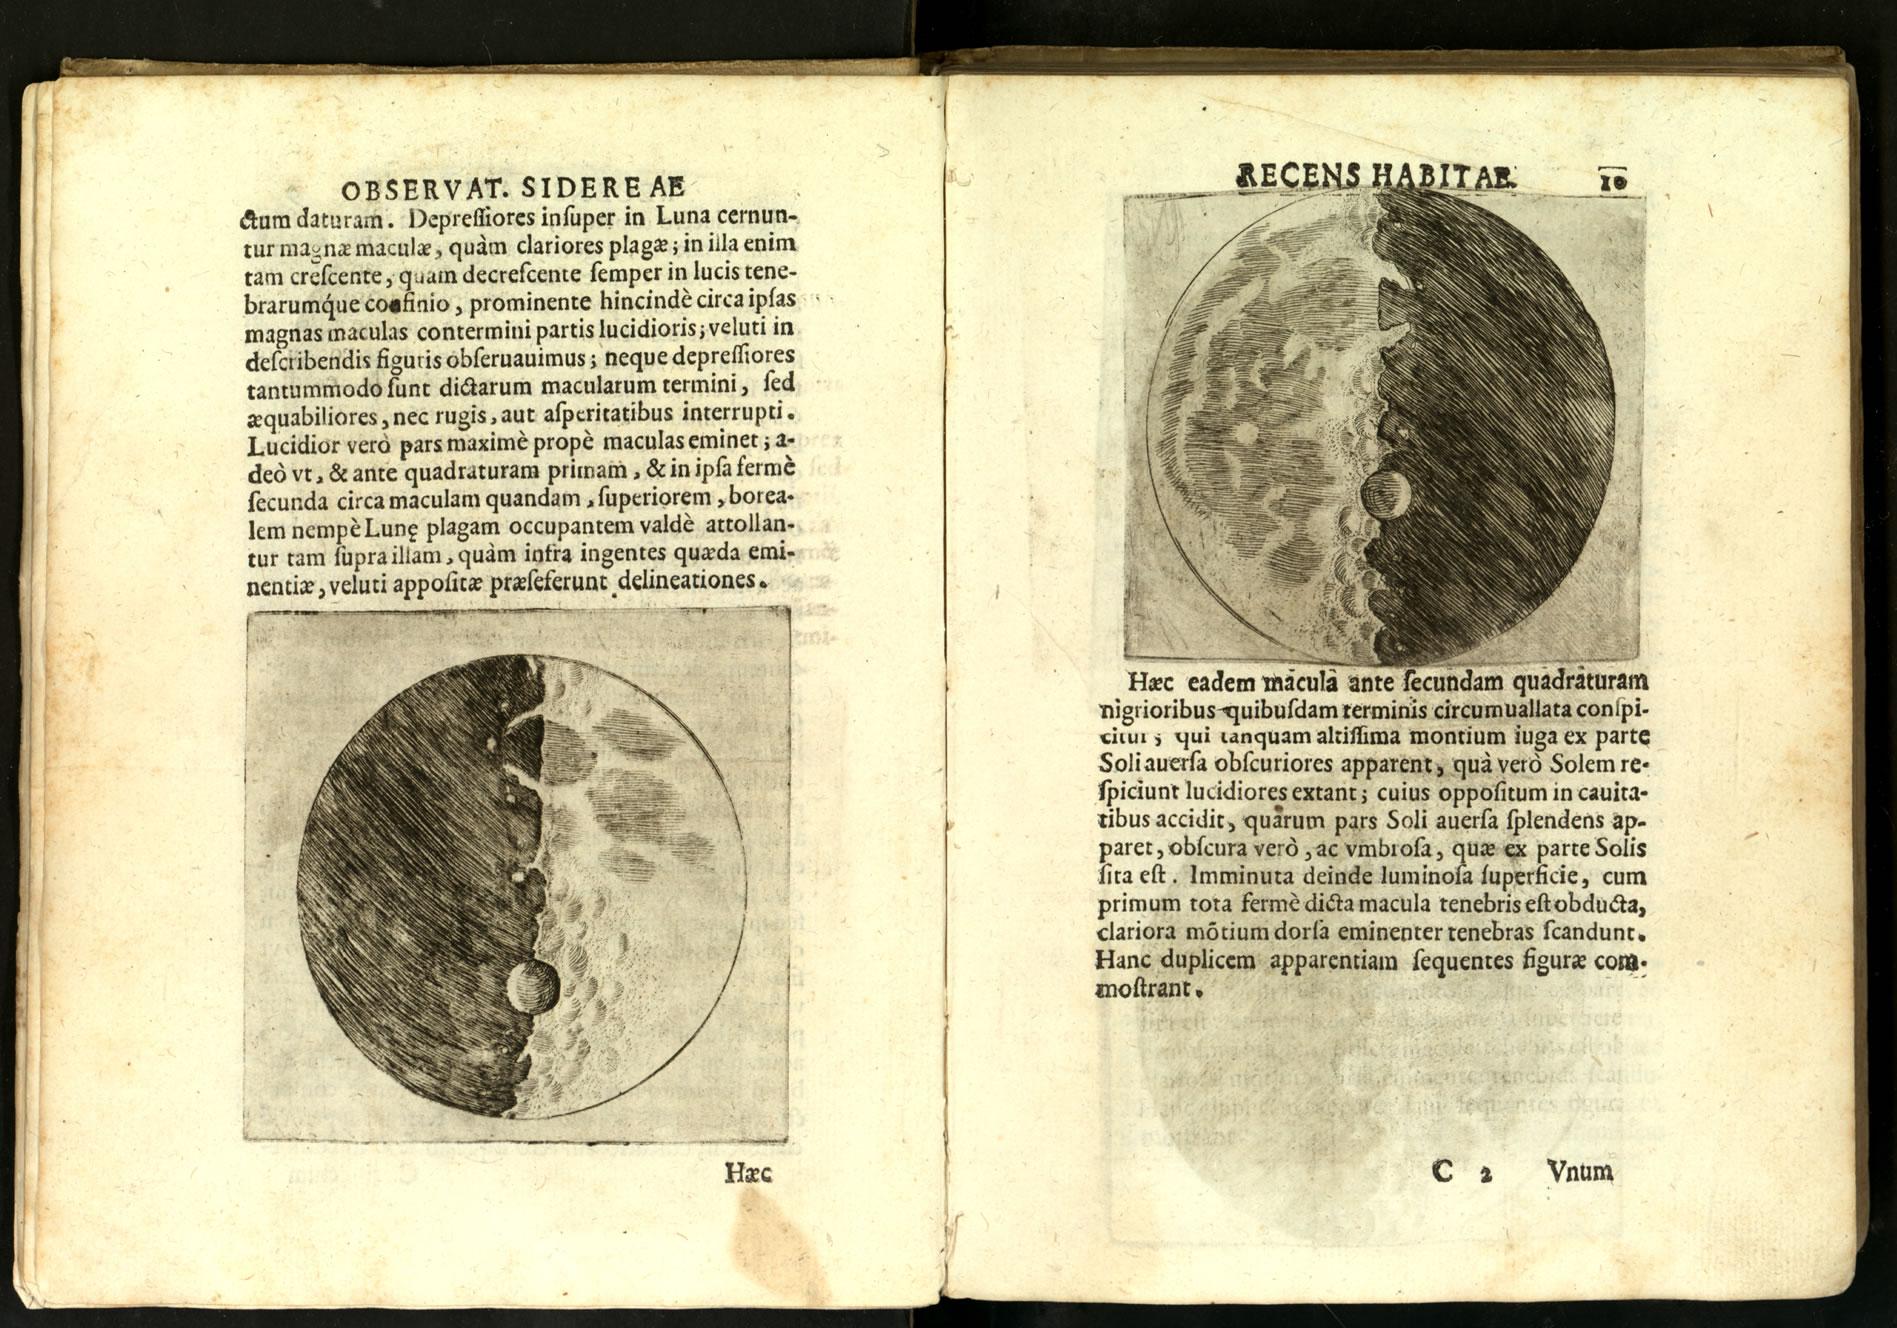 Sidereus Nuncius di Galileo Galilei